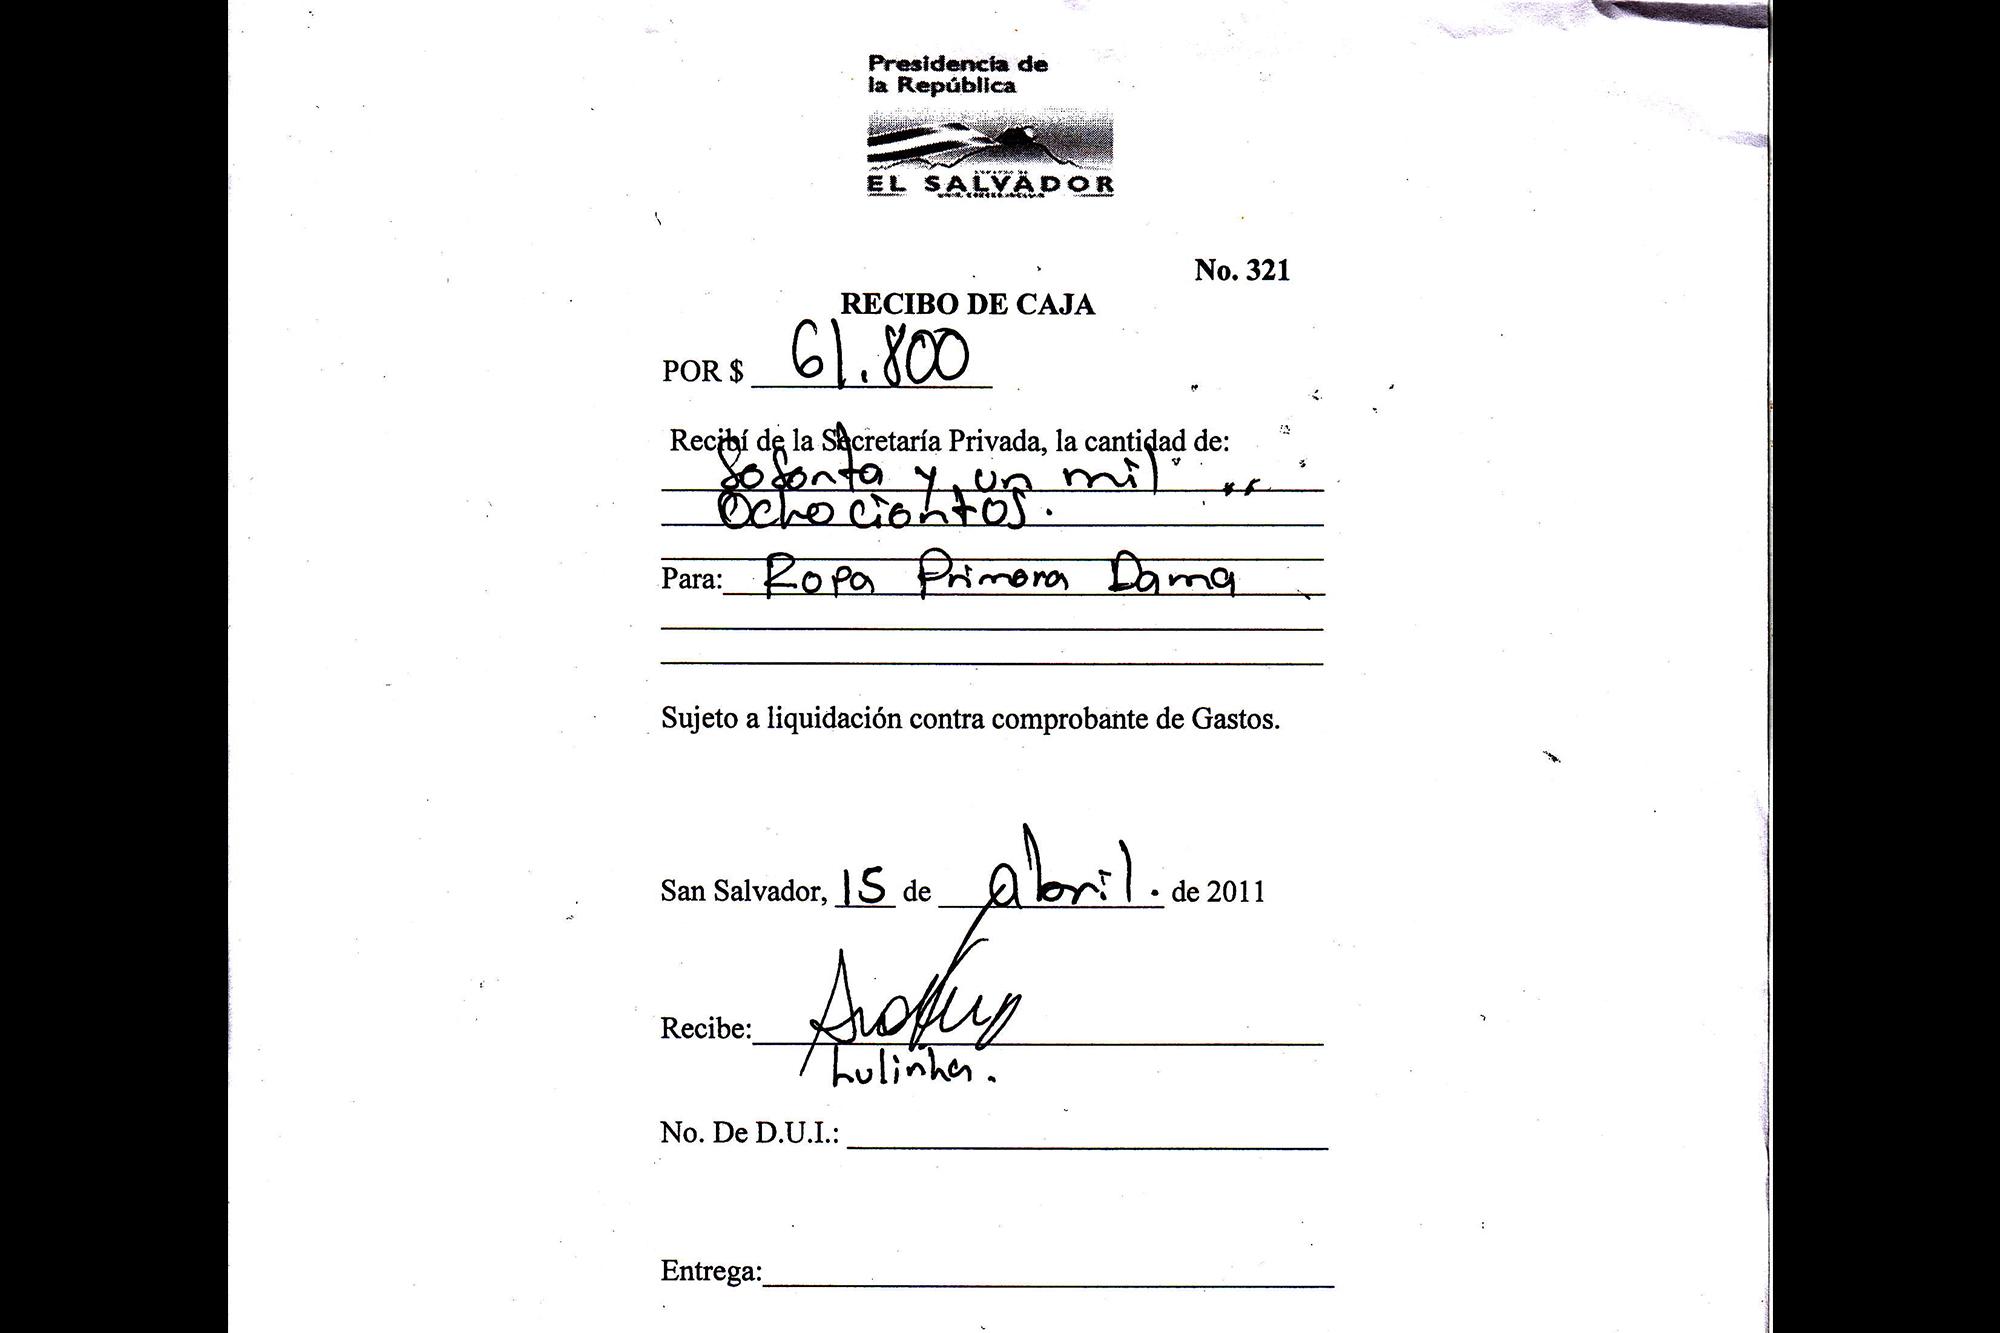 Esta hoja de recibo de la Secretaría Privada de la Presidencia tiene como motivo de gasto Ropa primera dama. El monto es por $61,800. El recibo de caja 321, del 15 de abril de 2010, tiene una firma ilegible y abajo se lee un nombre: Lulinha. Un ex miembro del gabinete de Funes dijo a El Faro que ese era el nombre de una asesora de modas de Vanda Pignato, la ex primera dama de la República. Esta información fue confirmada por otra fuente que pertenecía a los círculos íntimos de Capres durante la Presidencia de Funes.